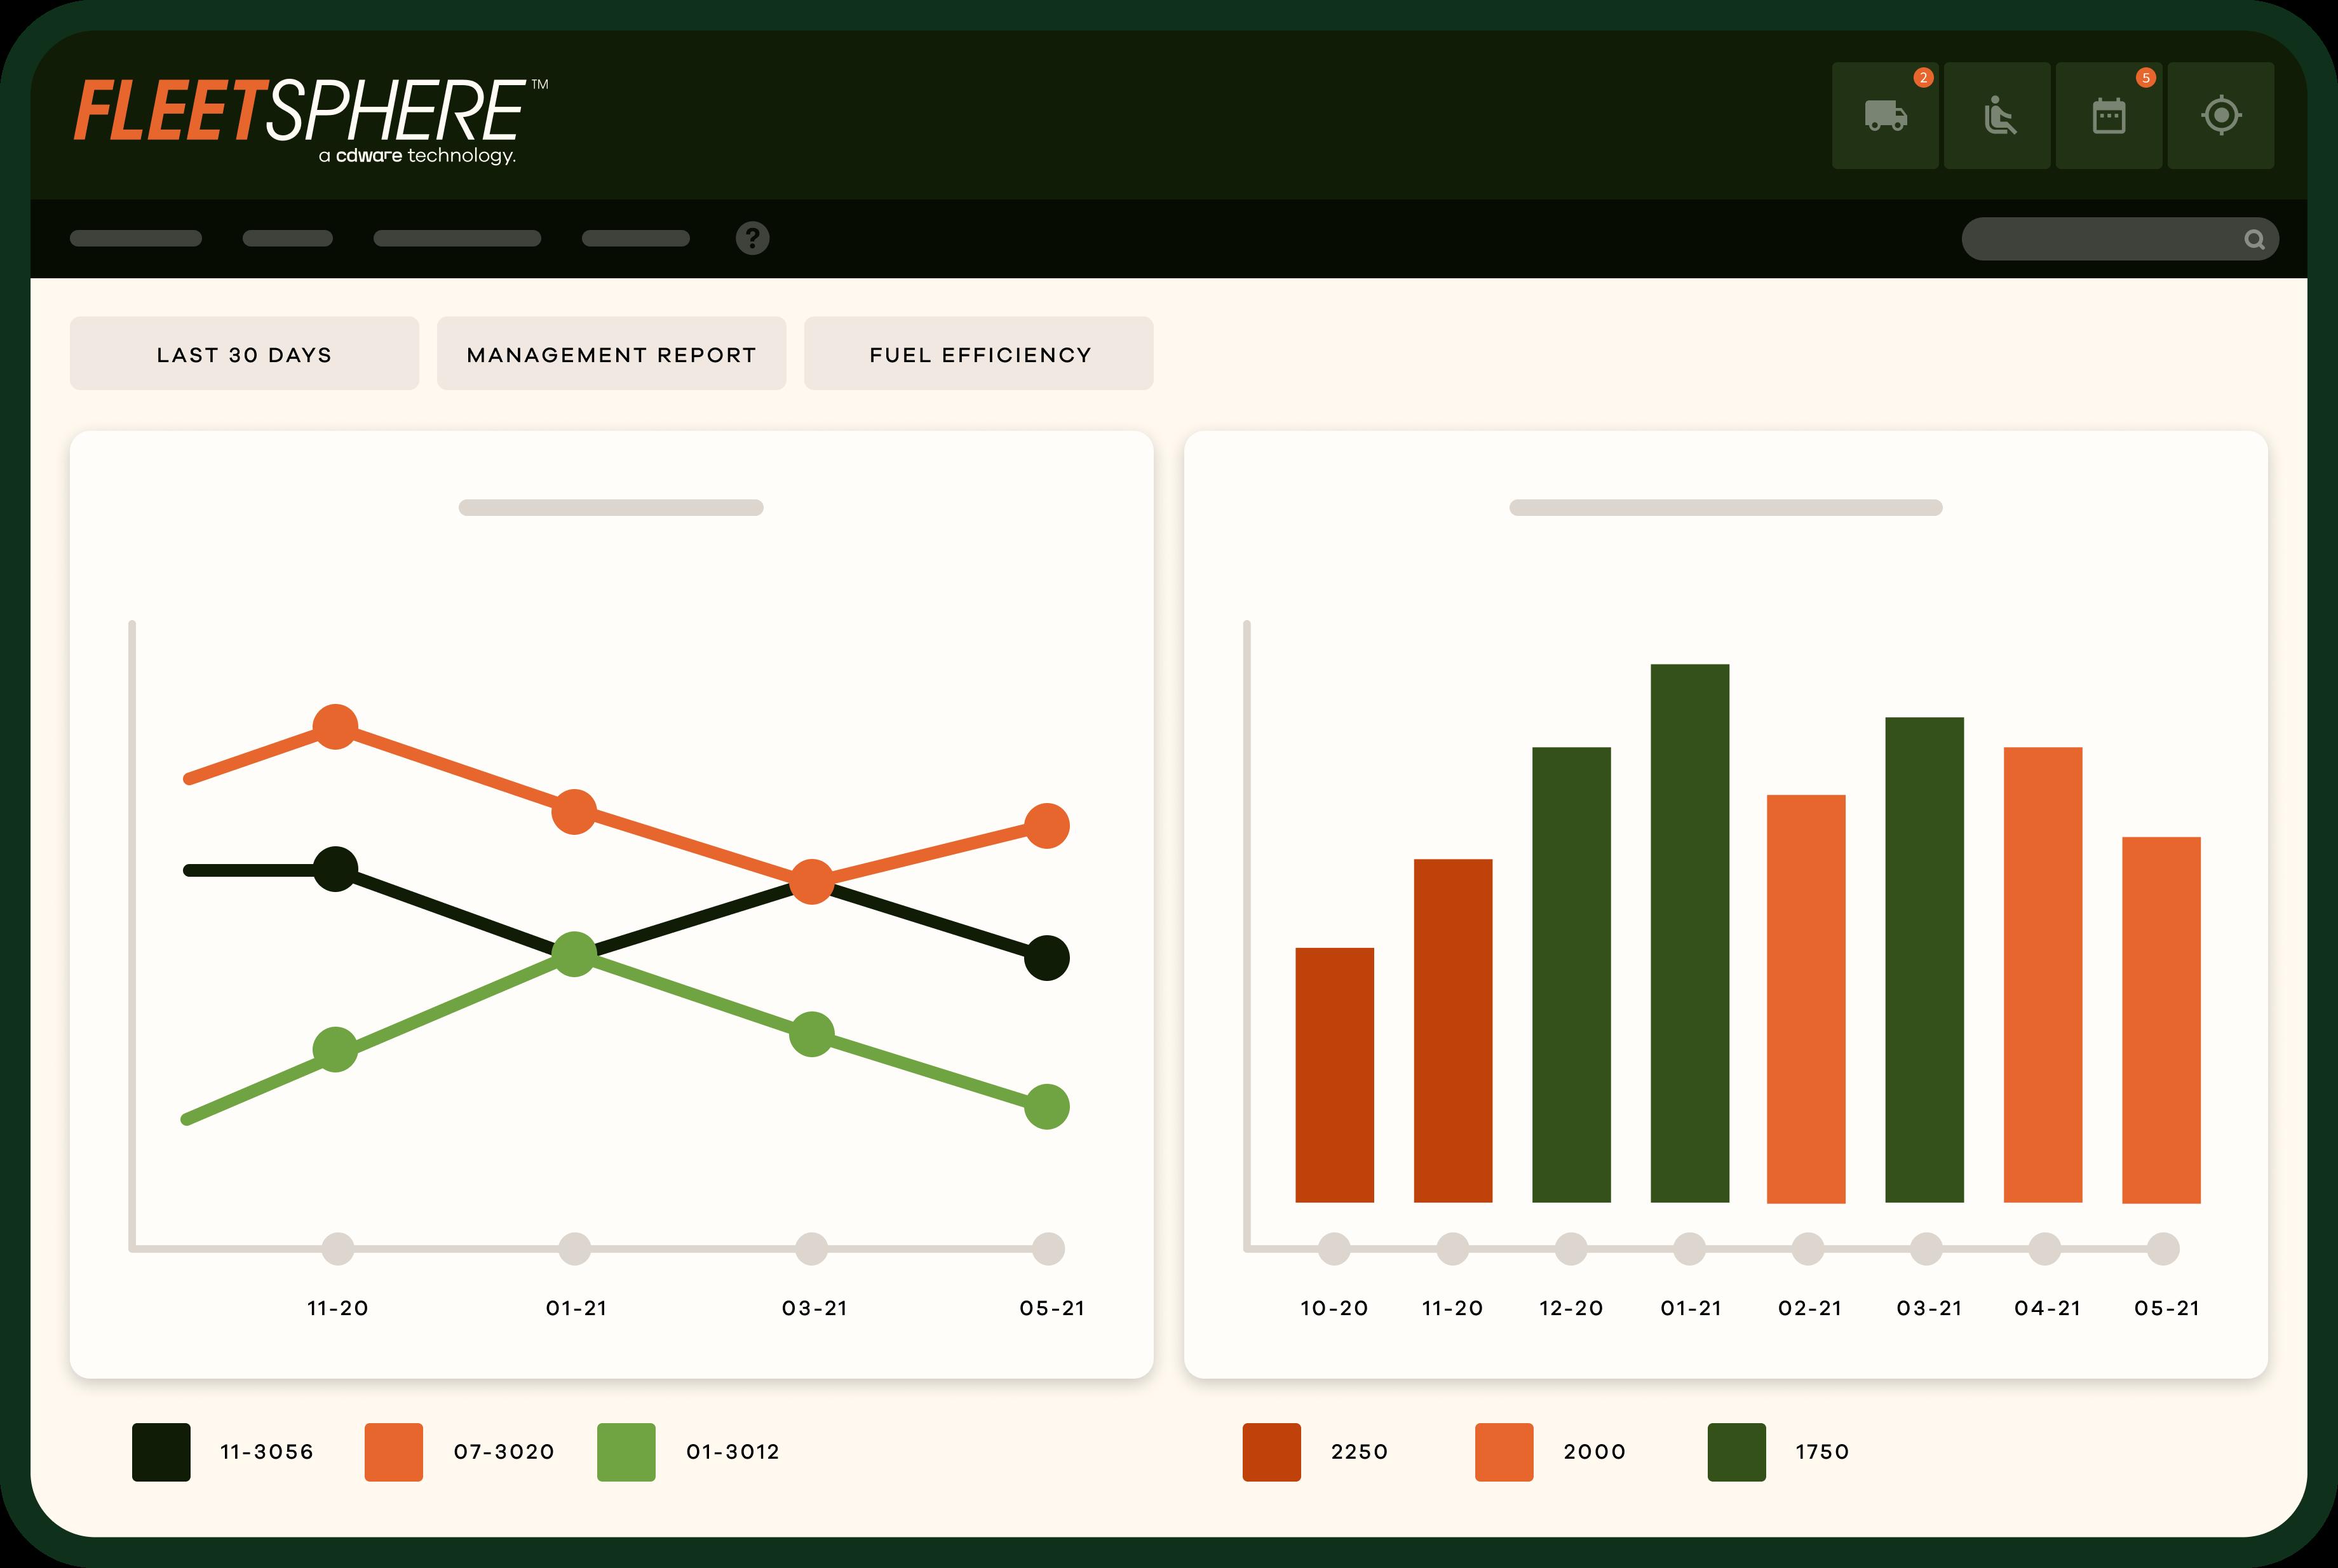 a fleet activity dashboard from Fleetsphere